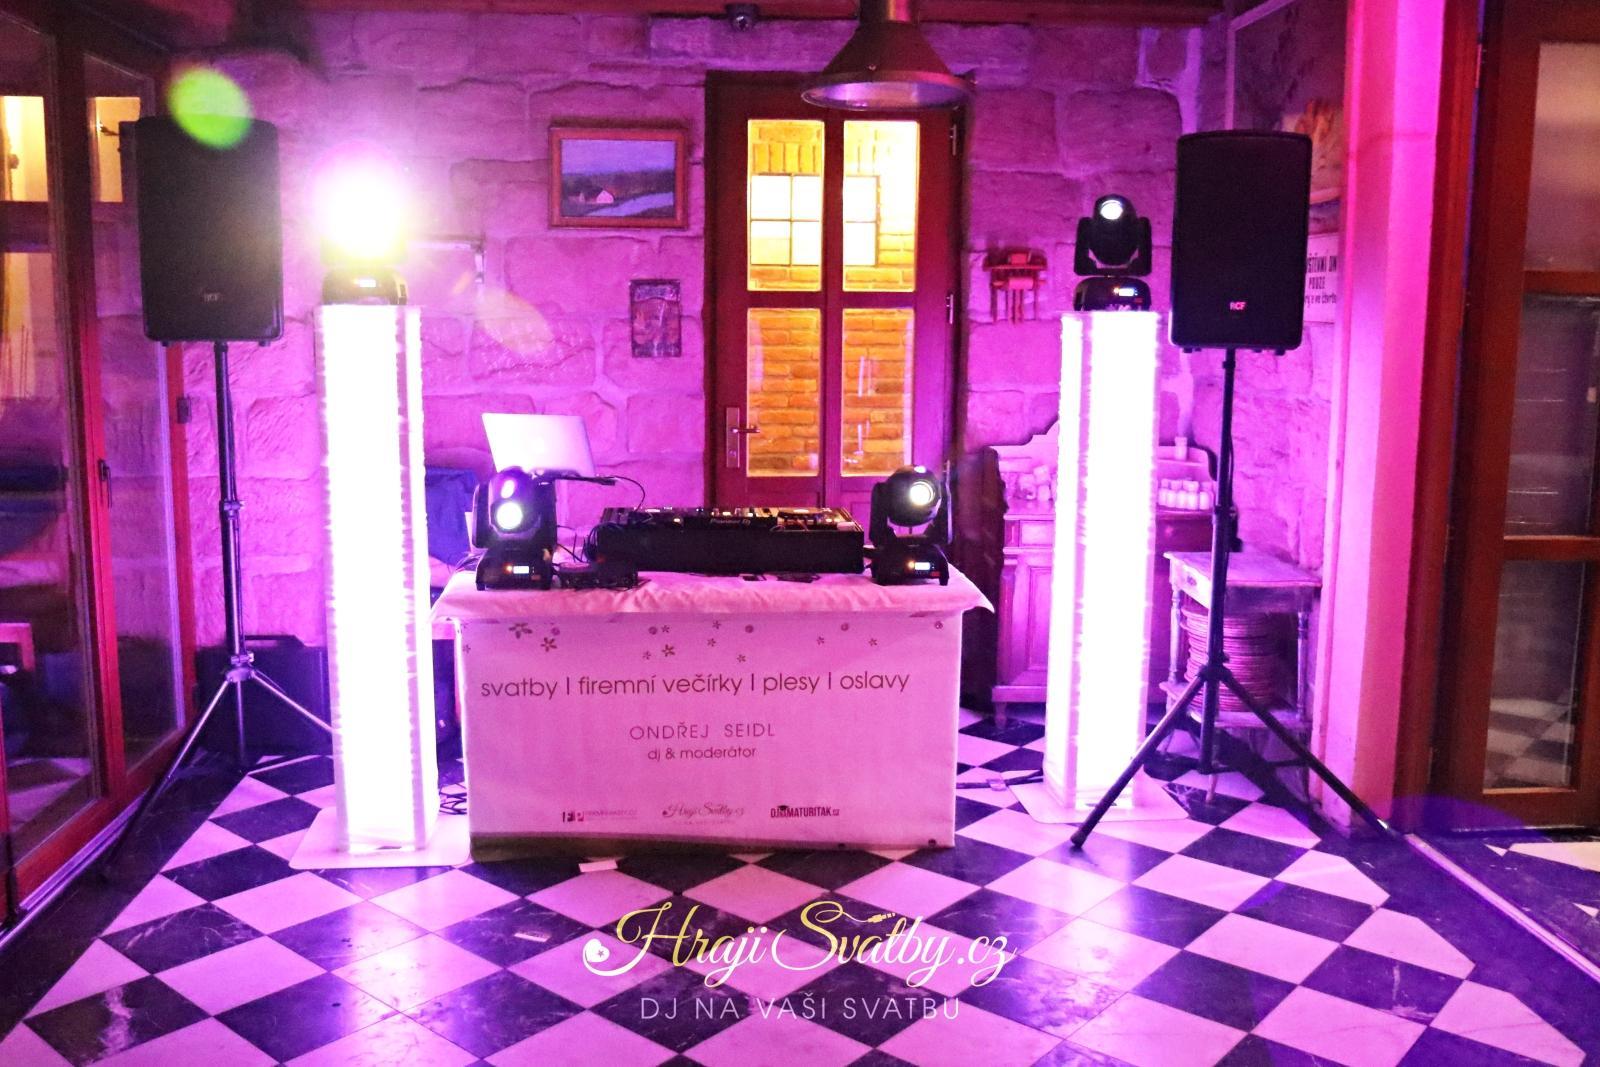 djmech - Svatební setup v restauraci Agarden v Bosni u Mnichova Hradiště